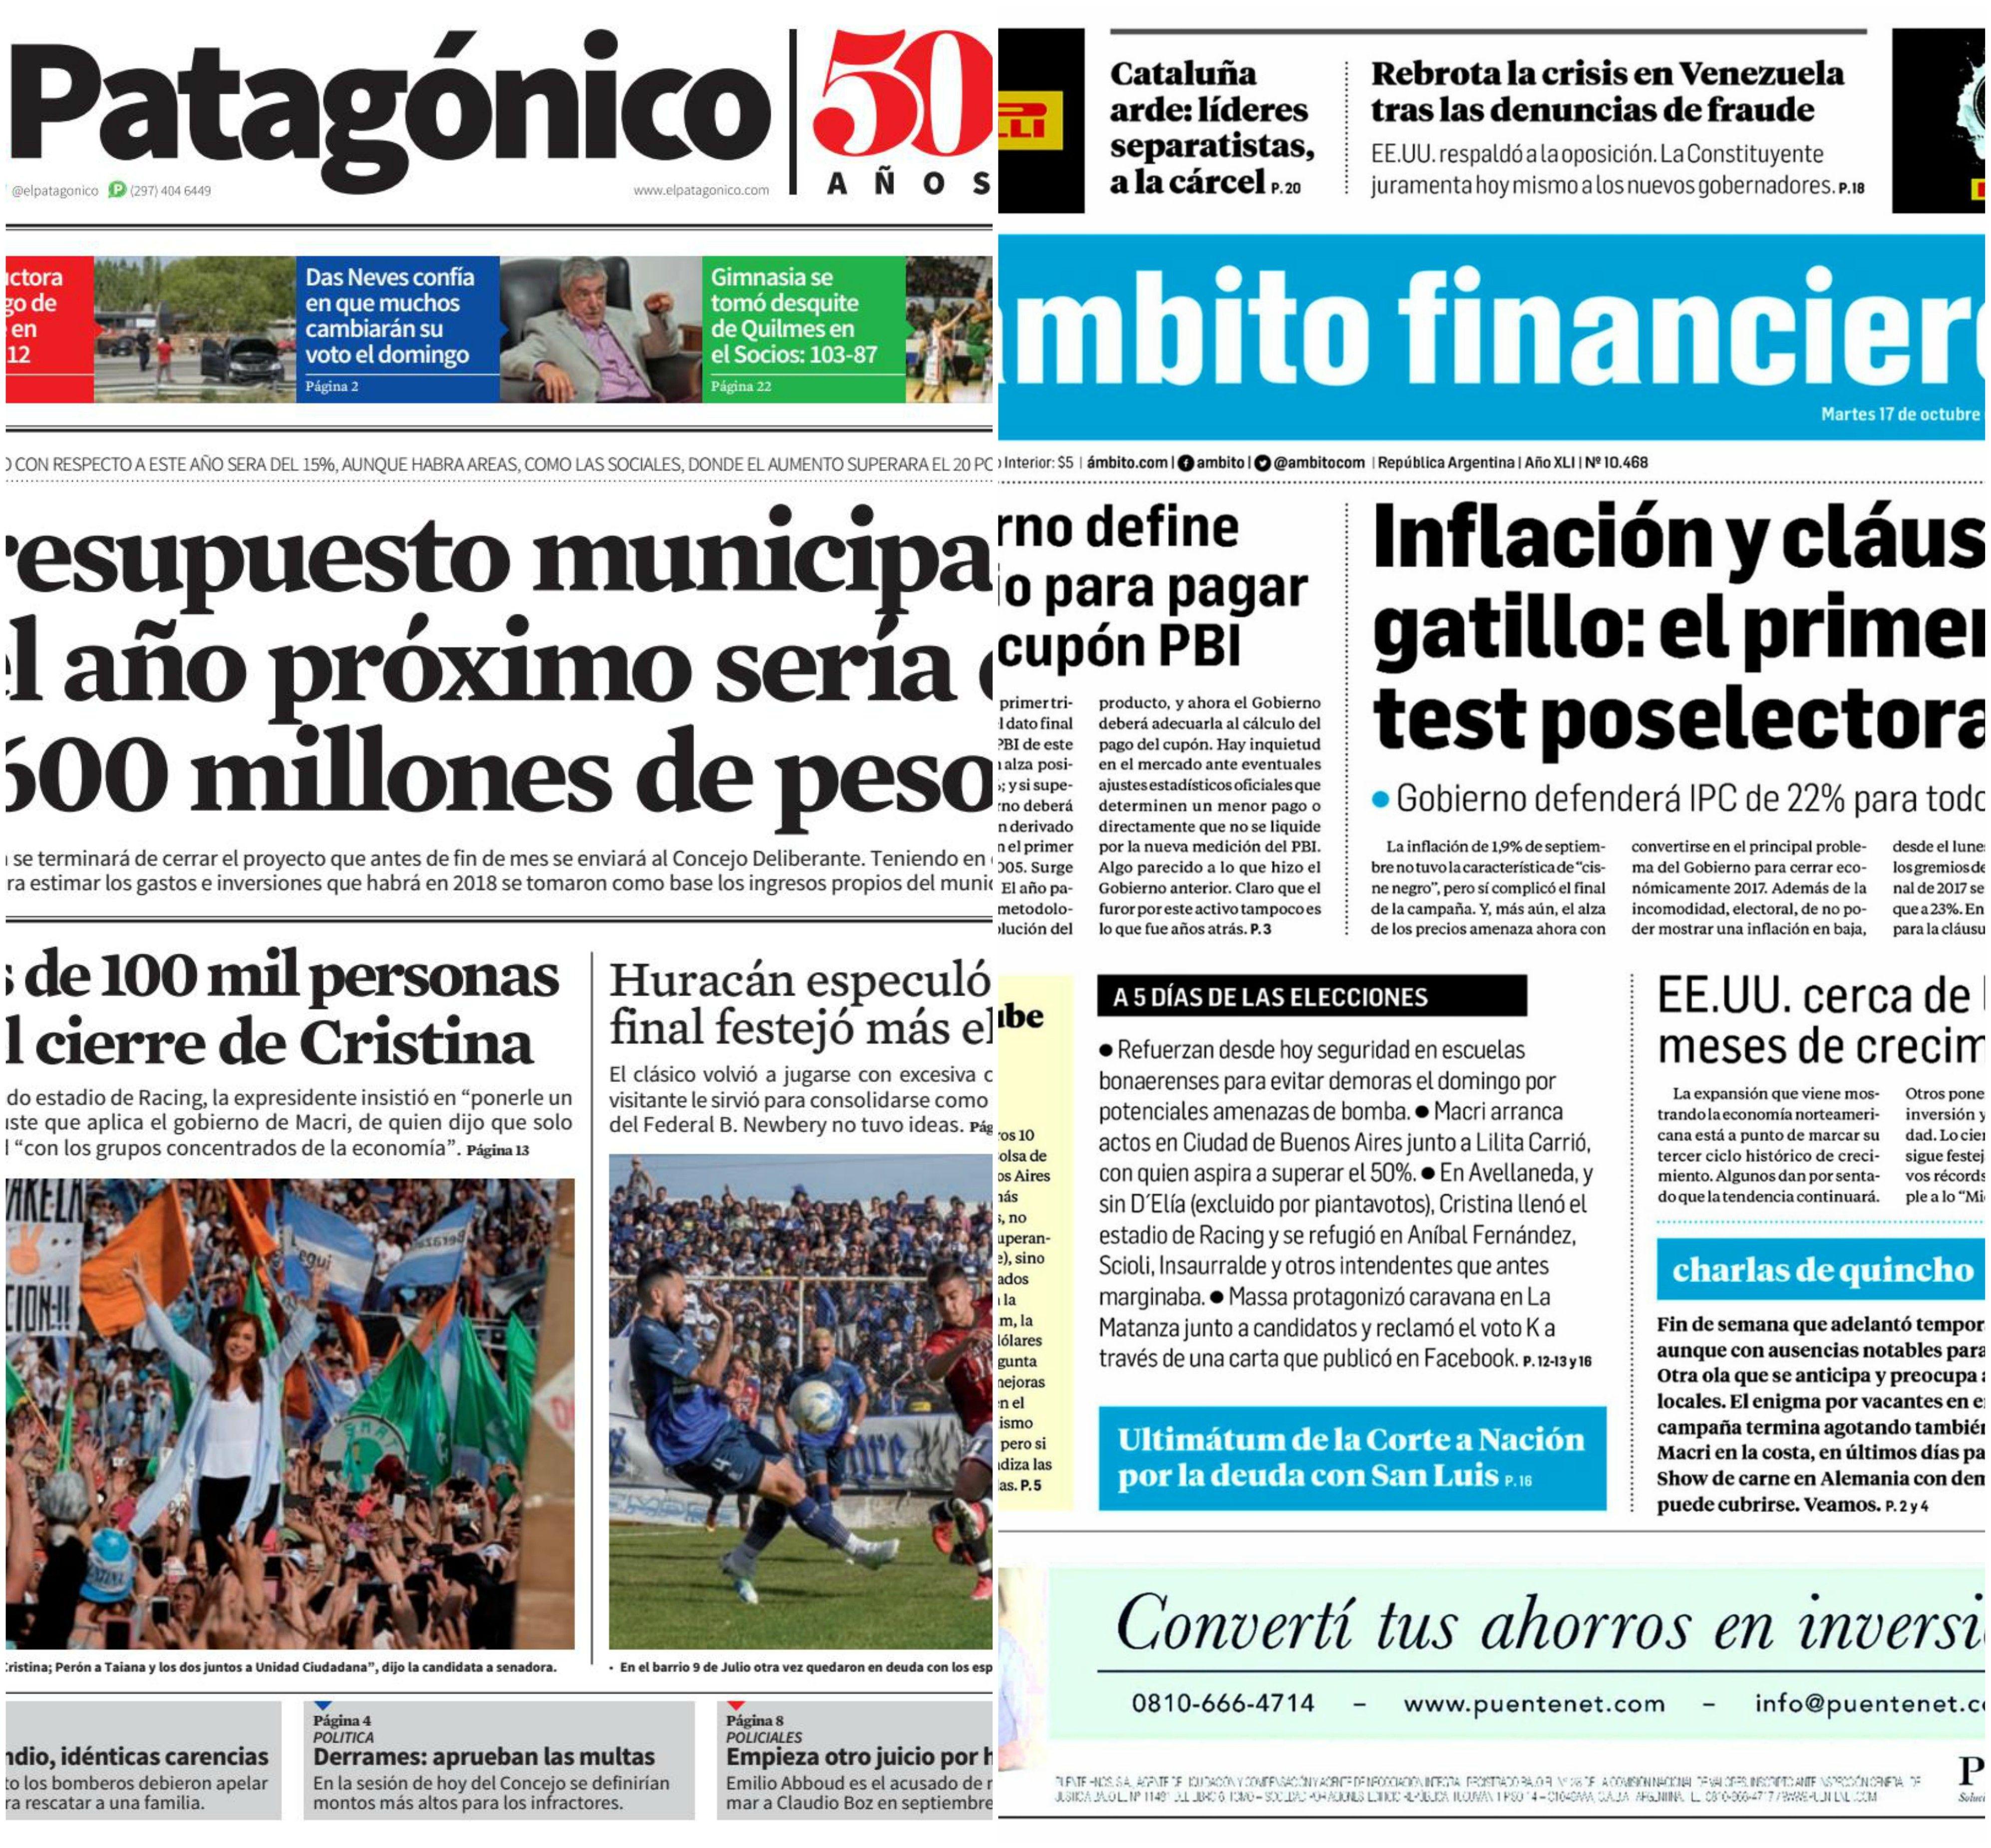 Tapas de diarios del martes 17 de octubre de 2017